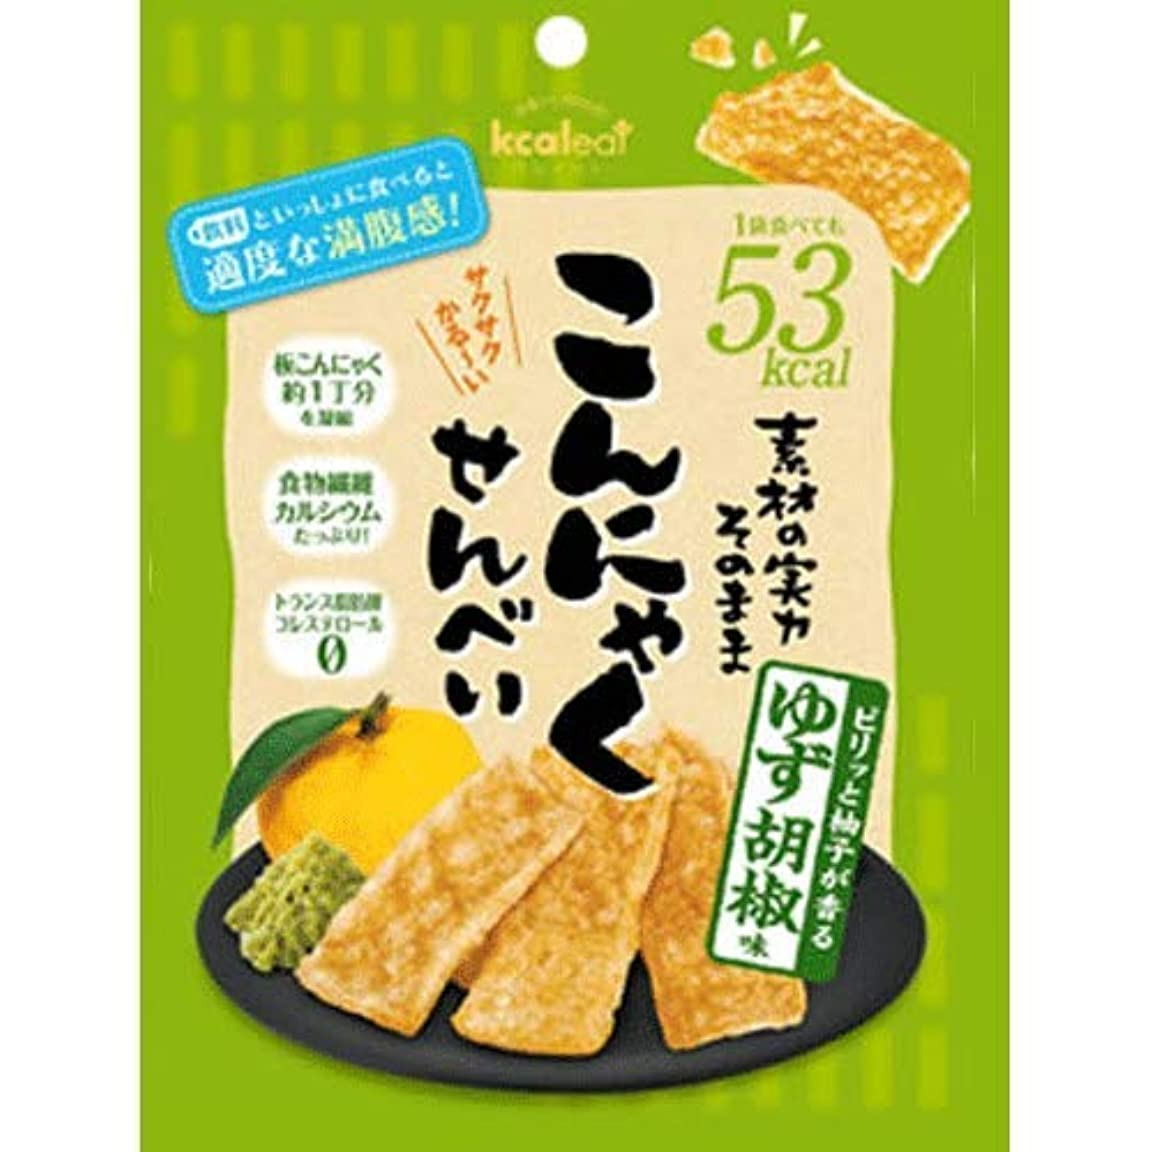 威信通行人望ましいこんにゃくせんべい ゆず胡椒 15g (20袋セット)